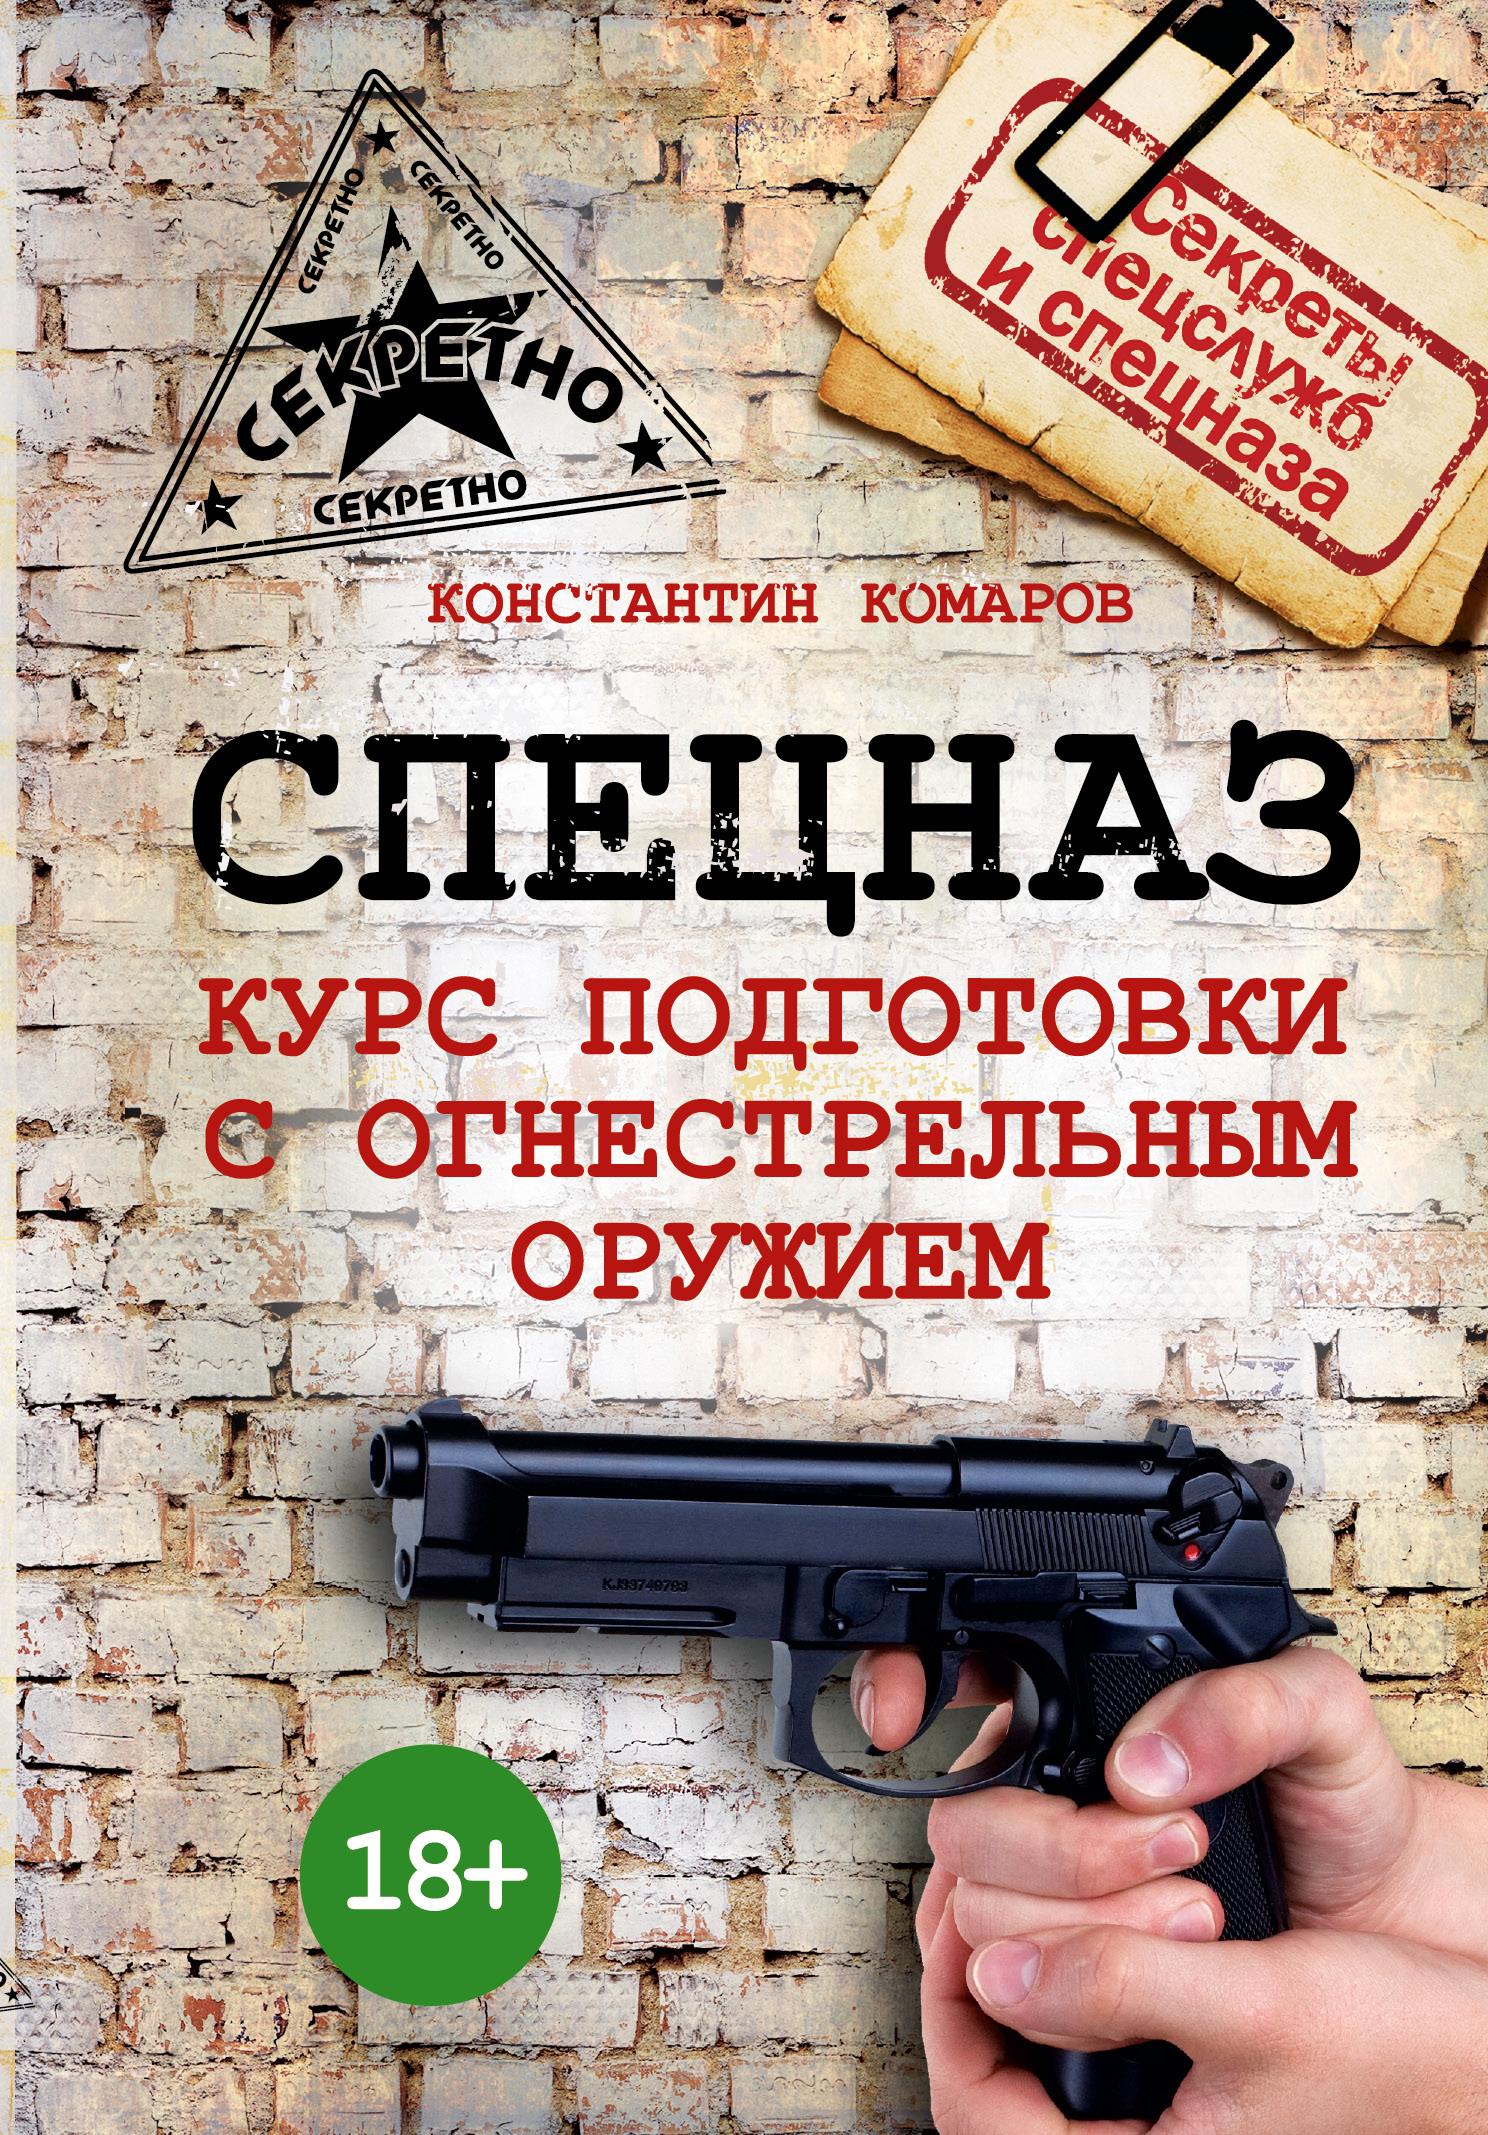 Спецназ. Курс подготовки с огнестрельным оружием ( Комаров К.Э.  )